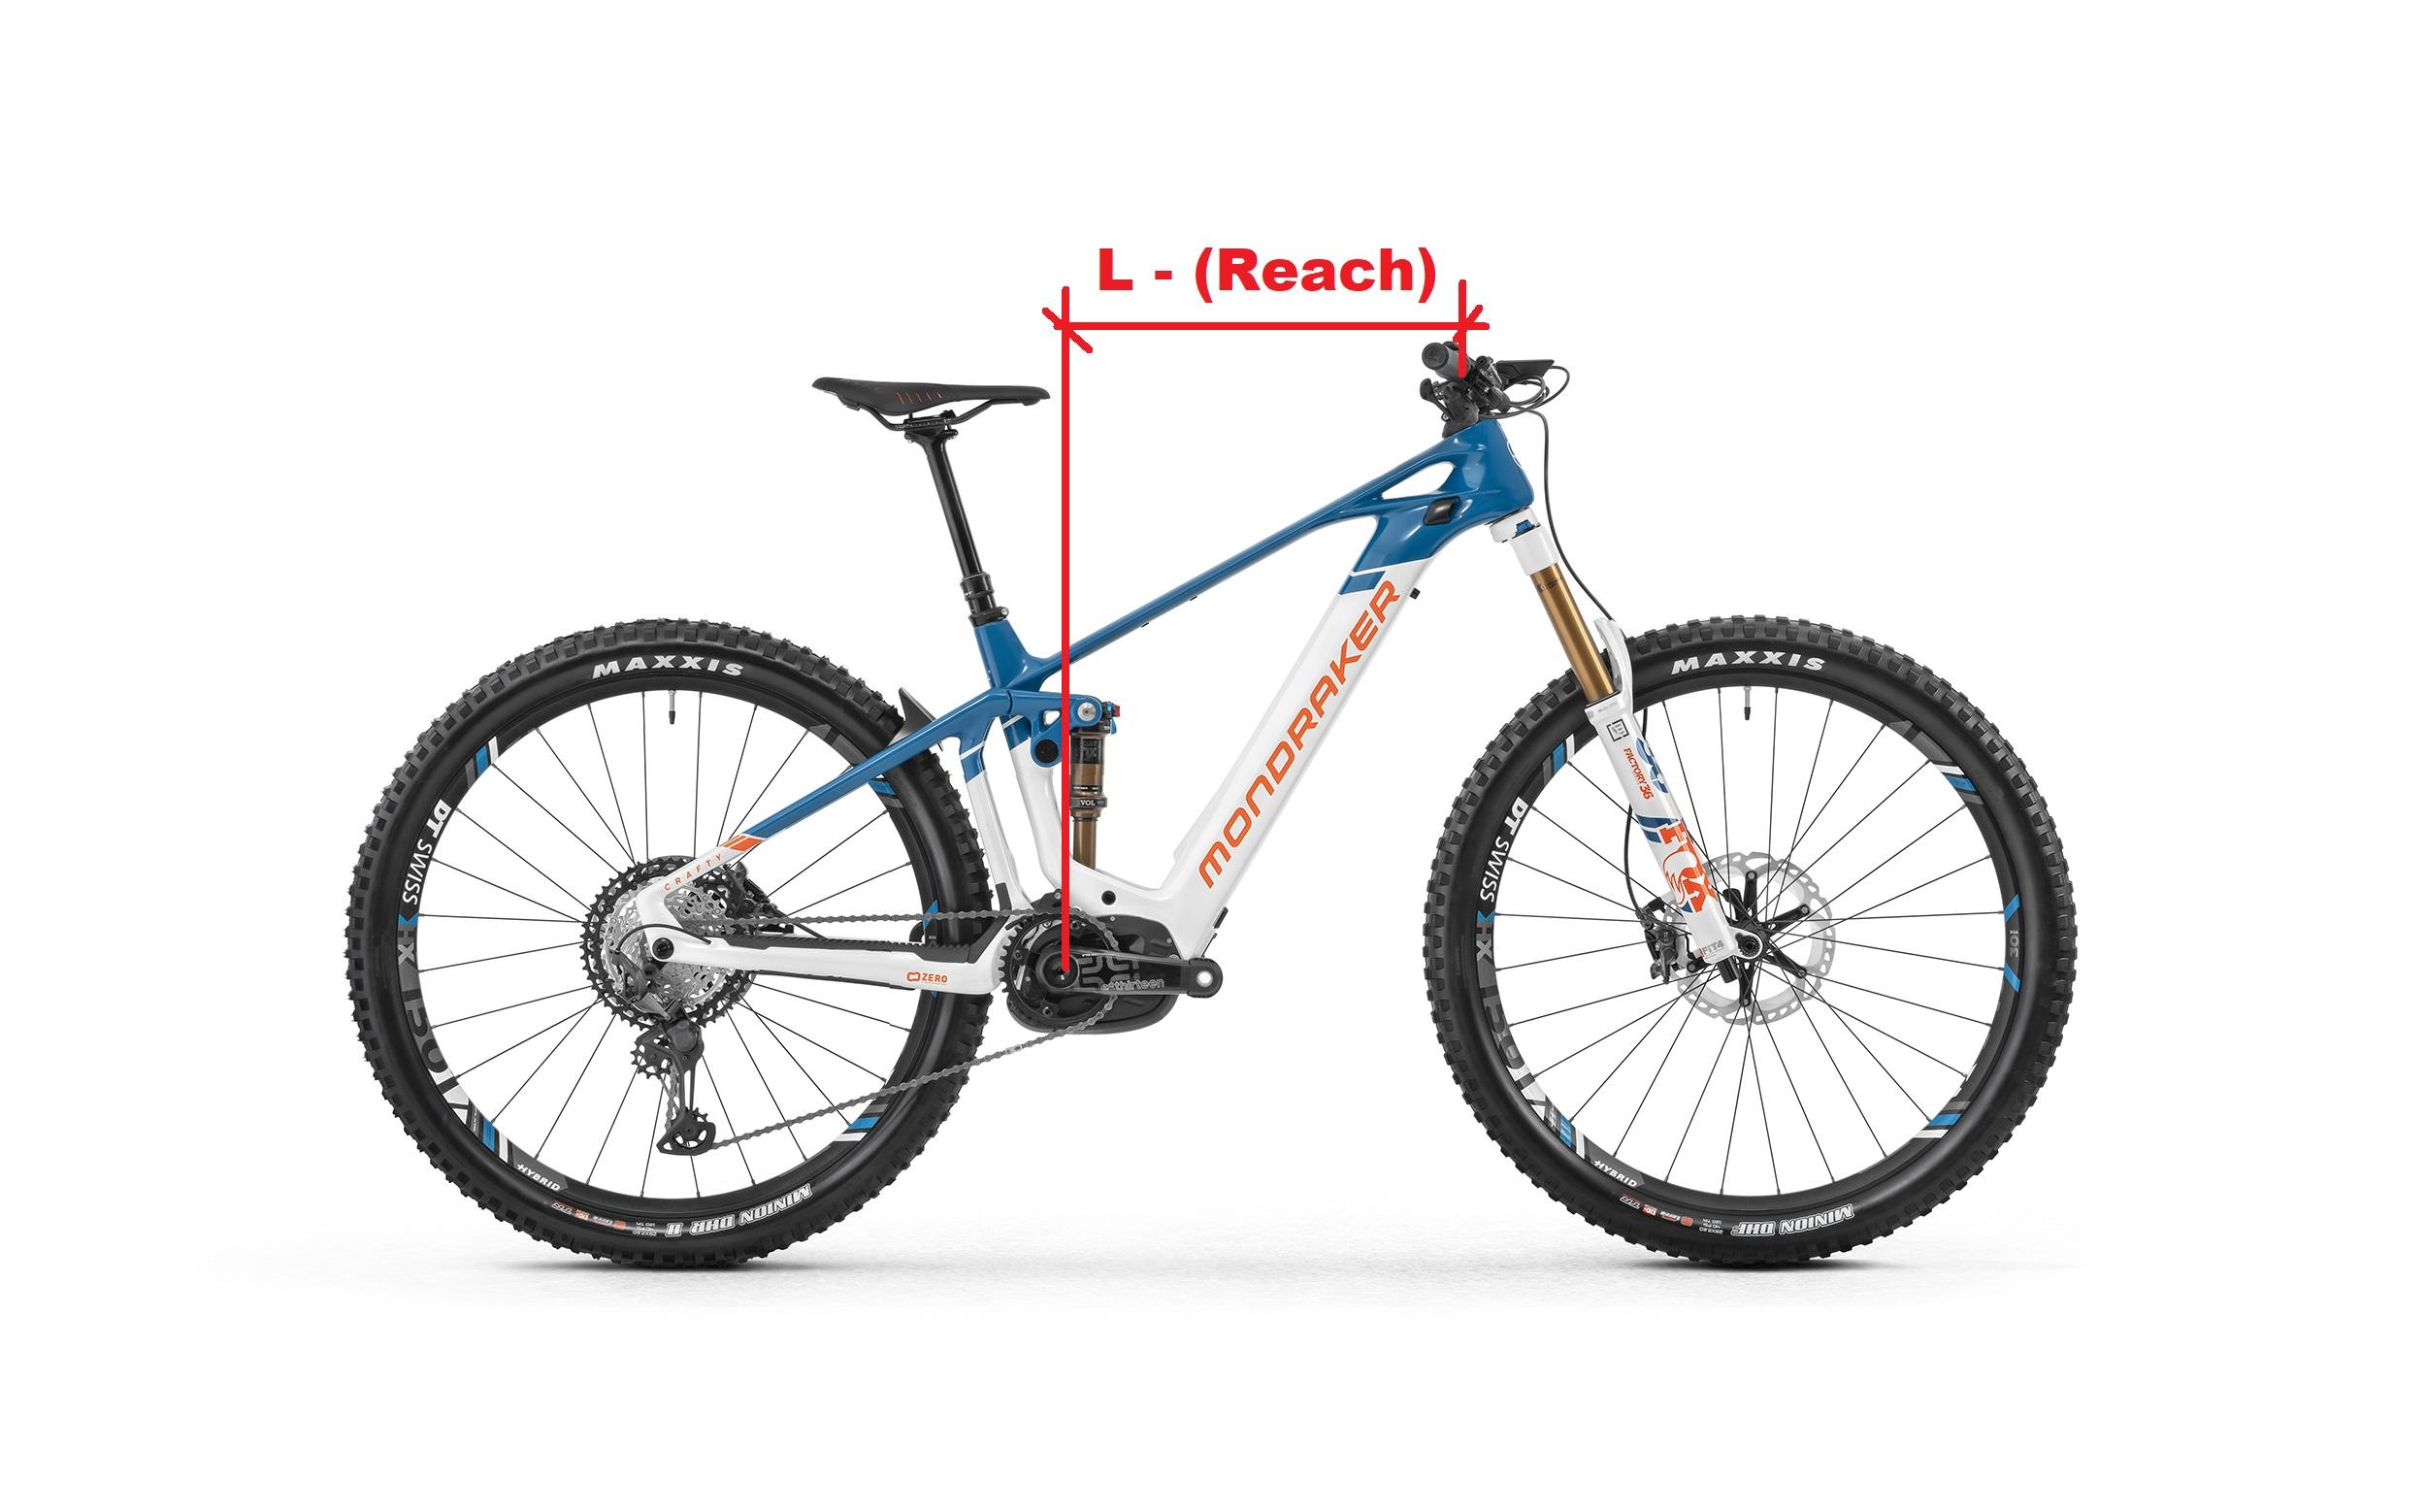 bici elettrica crafty RR carbon Mondraker il suo reach